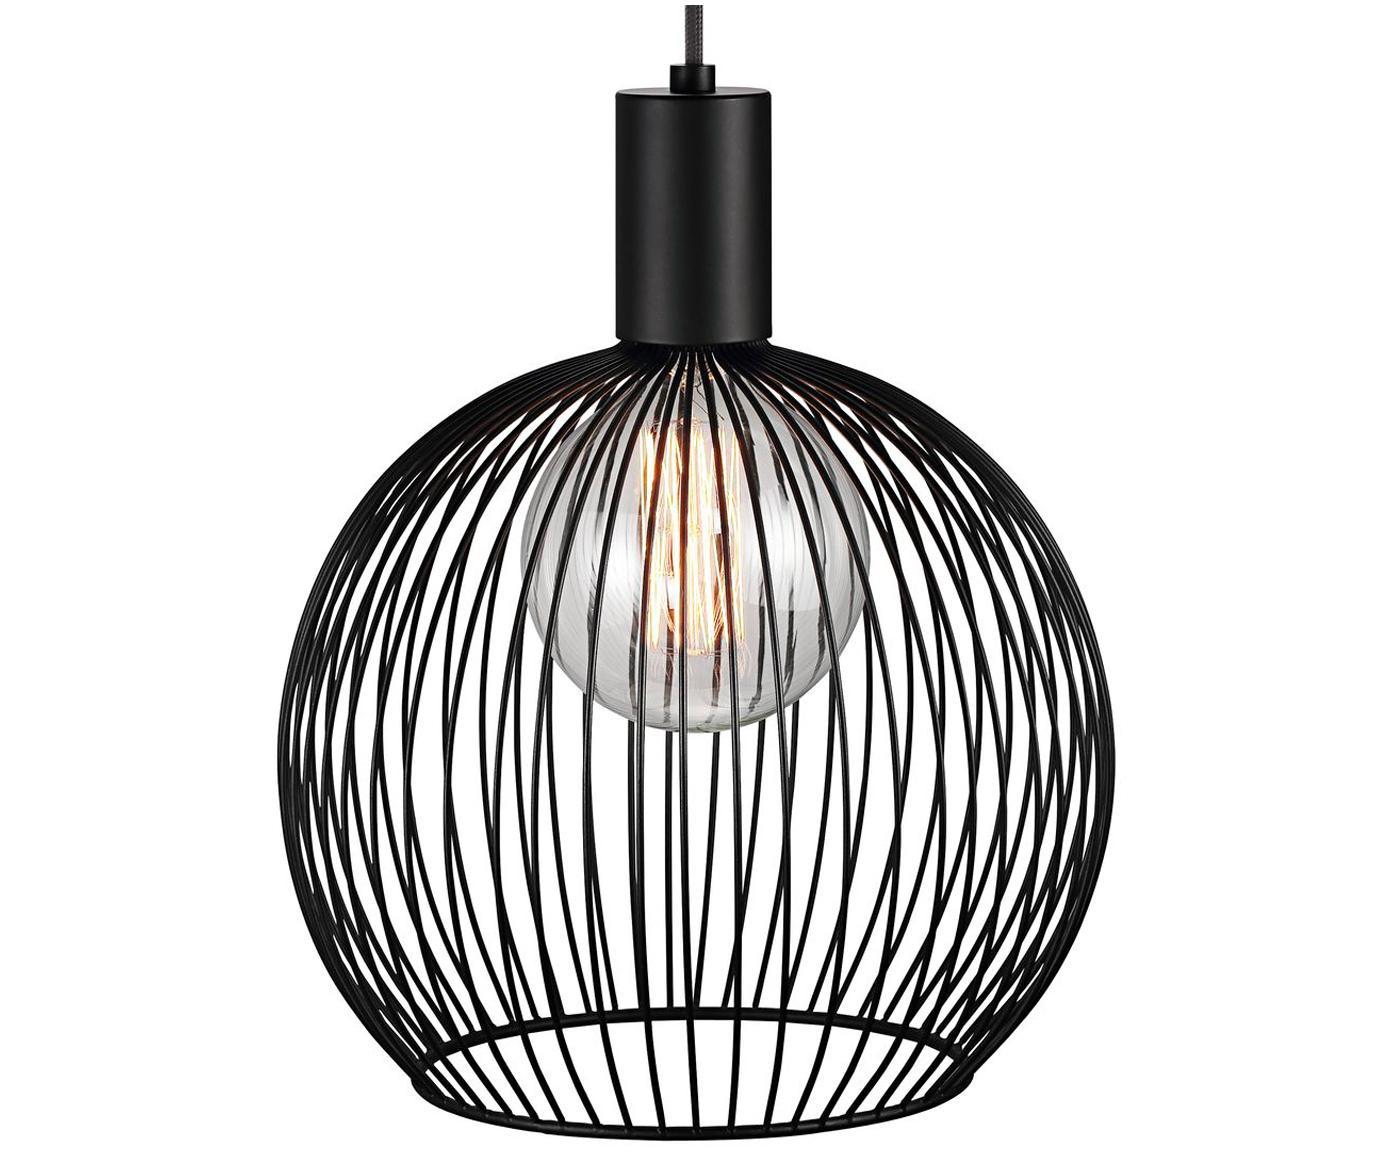 Lampa wisząca Aver, Czarny, Ø 30 x W 35 cm